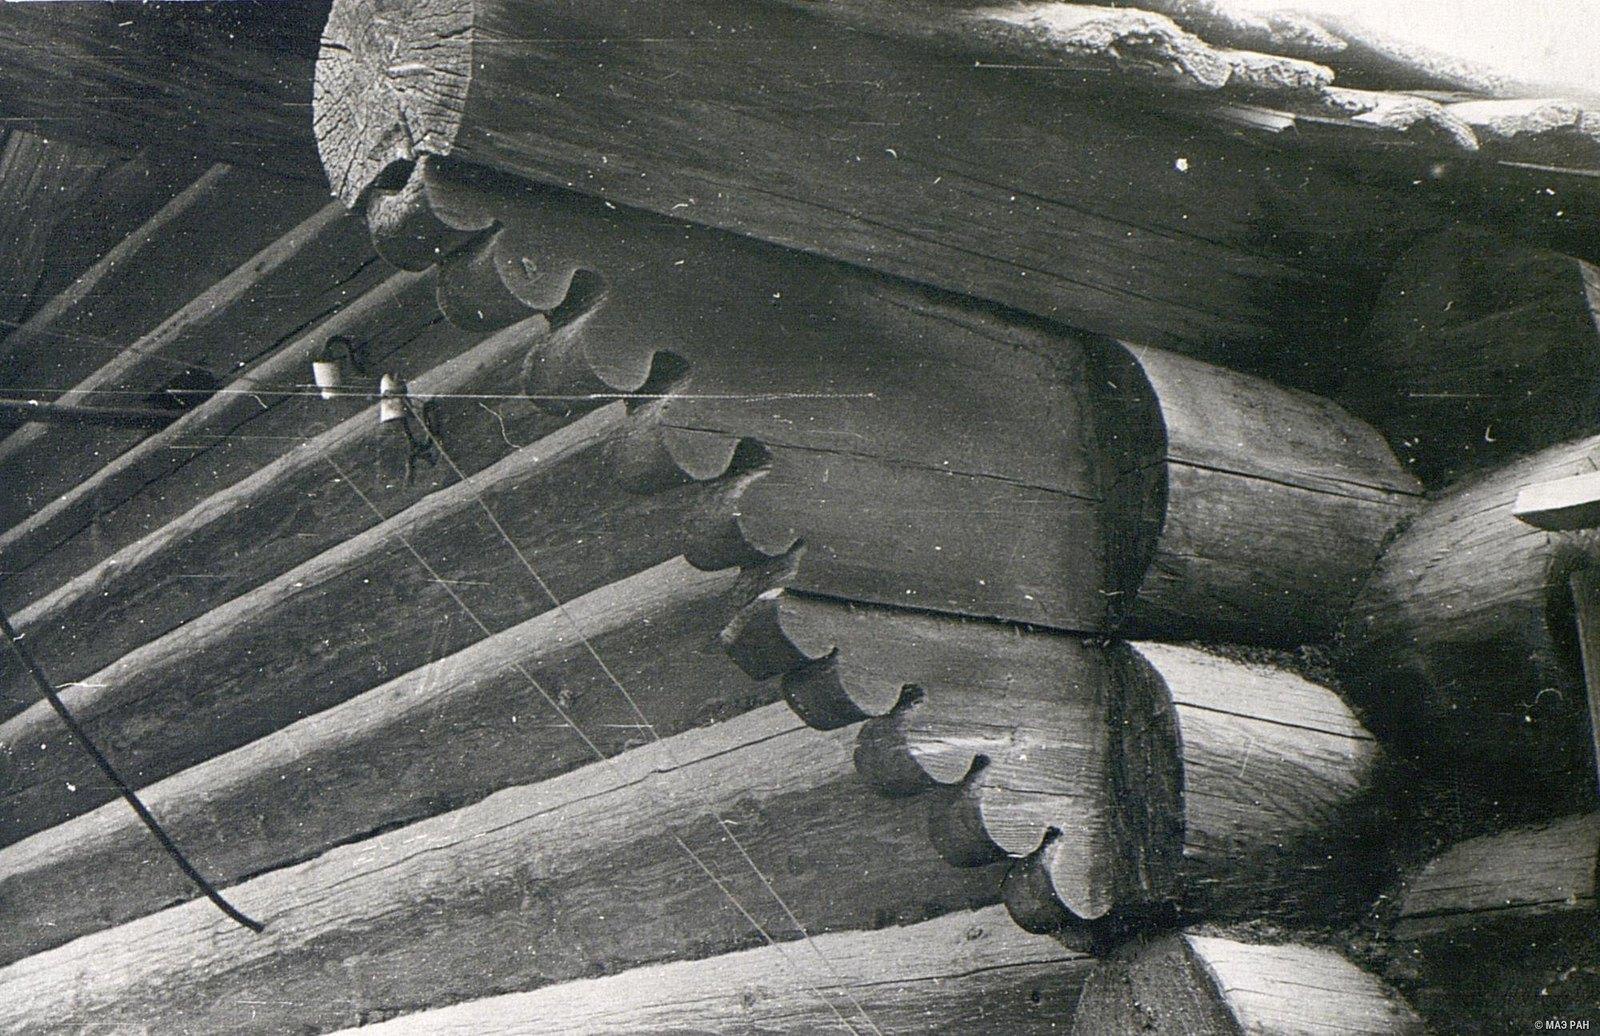 Резной повал (расширенная часть сруба, защищающая стены дома от дождя)1